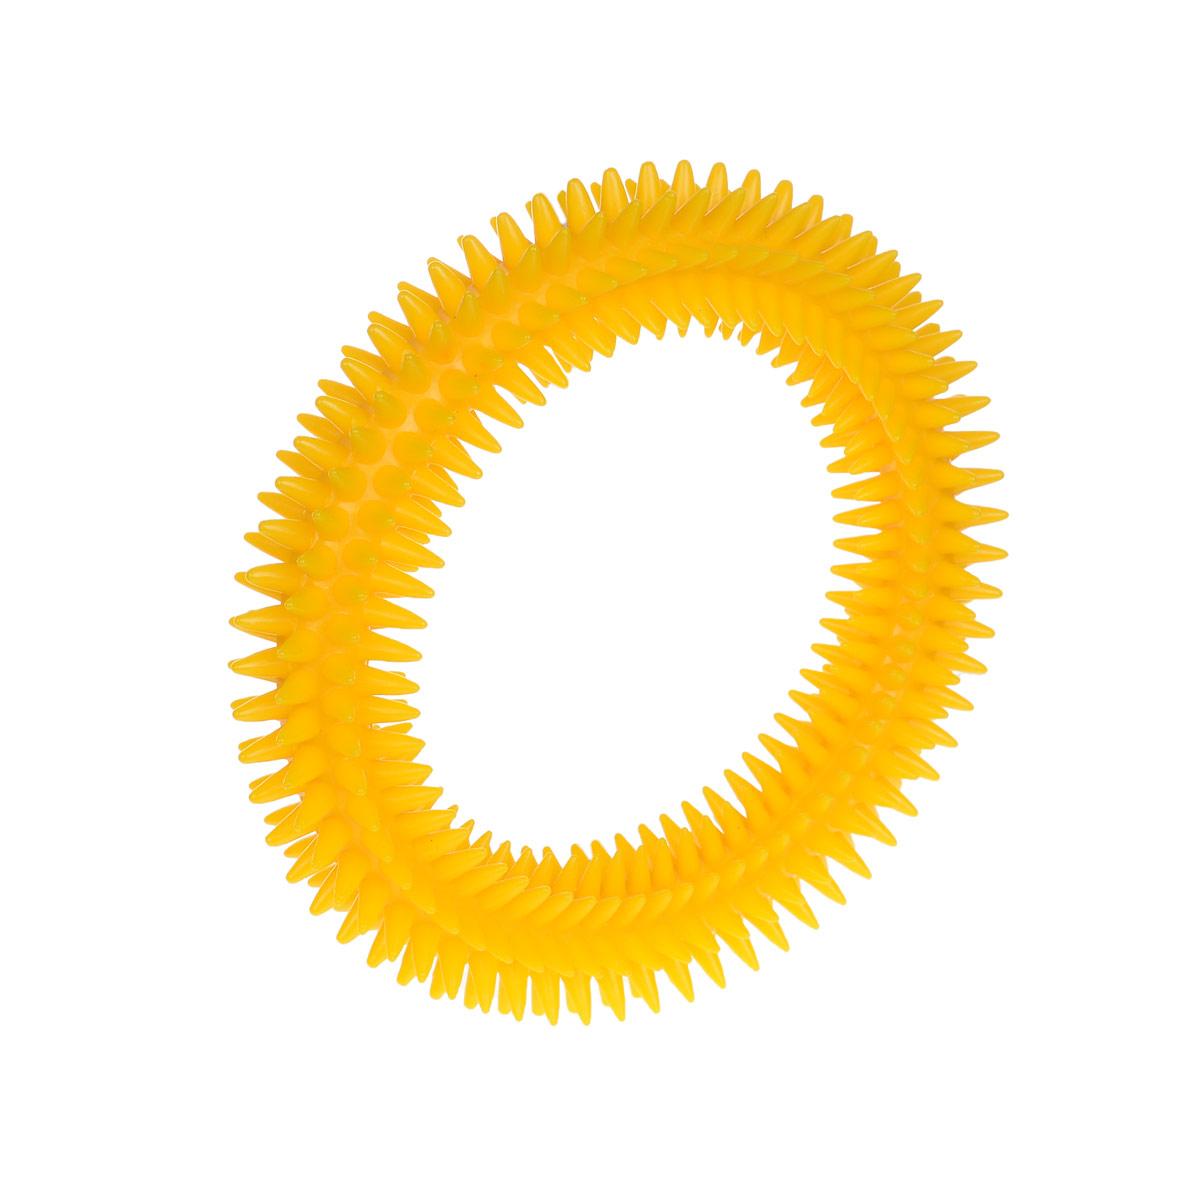 Кольцо массажное с шипами V.I.Pet, цвет: желтый, диаметр 12 см5012_желтыйМассажное кольцо с шипами V.I.Pet предназначено для собак. Прочная игрушка выполнена из пластика с использованием только безопасных, не токсичных красителей. Отлично подходит для игры с собакой, во время которой будет происходить массаж и укрепление десен вашего питомца. Как и в случае с любой другой игрушкой для животных, присматривайте за собакой во время игры. Диаметр: 16 см.Товар сертифицирован.